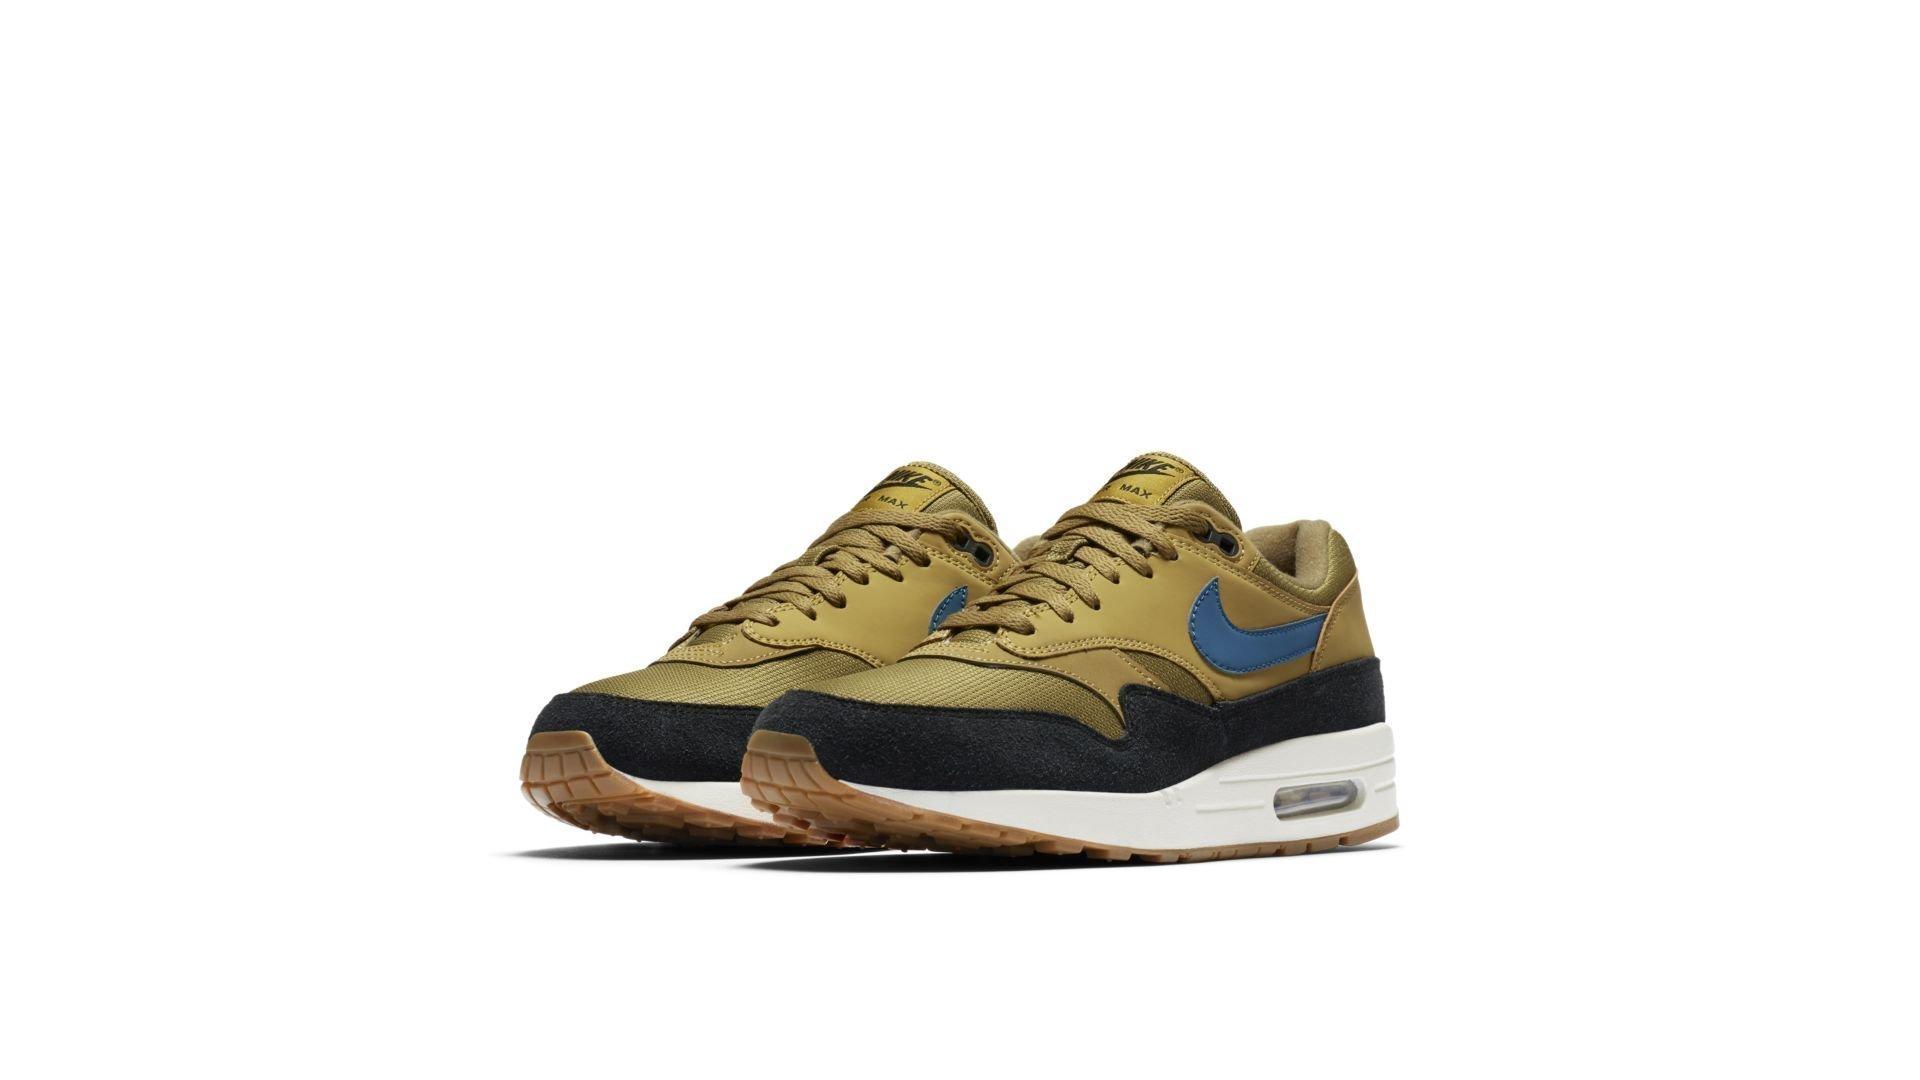 Nike Air Max 1 'Golden Moss' (AH8145-302)